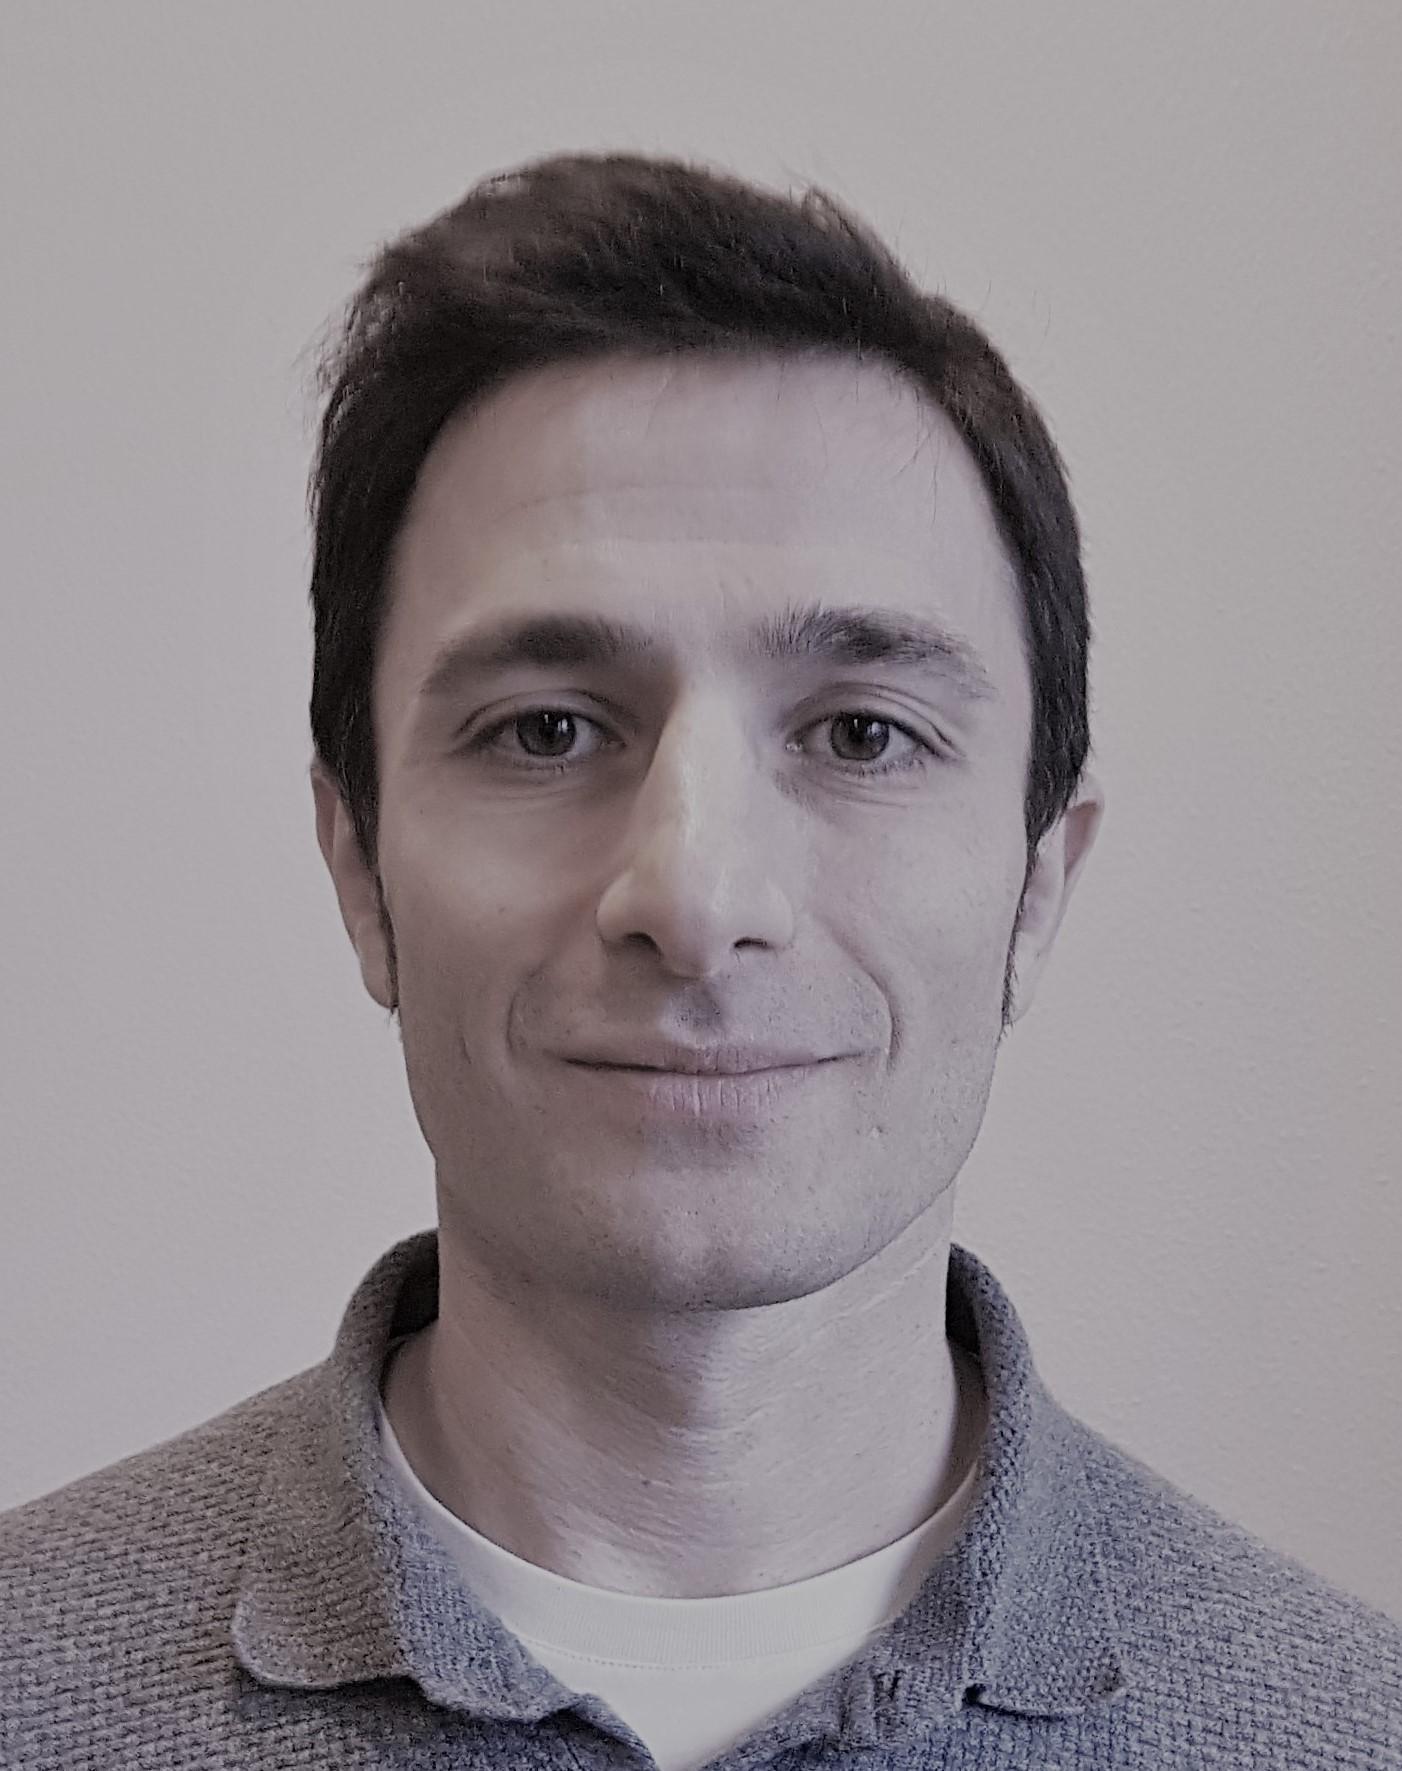 Ugo Marzocchi